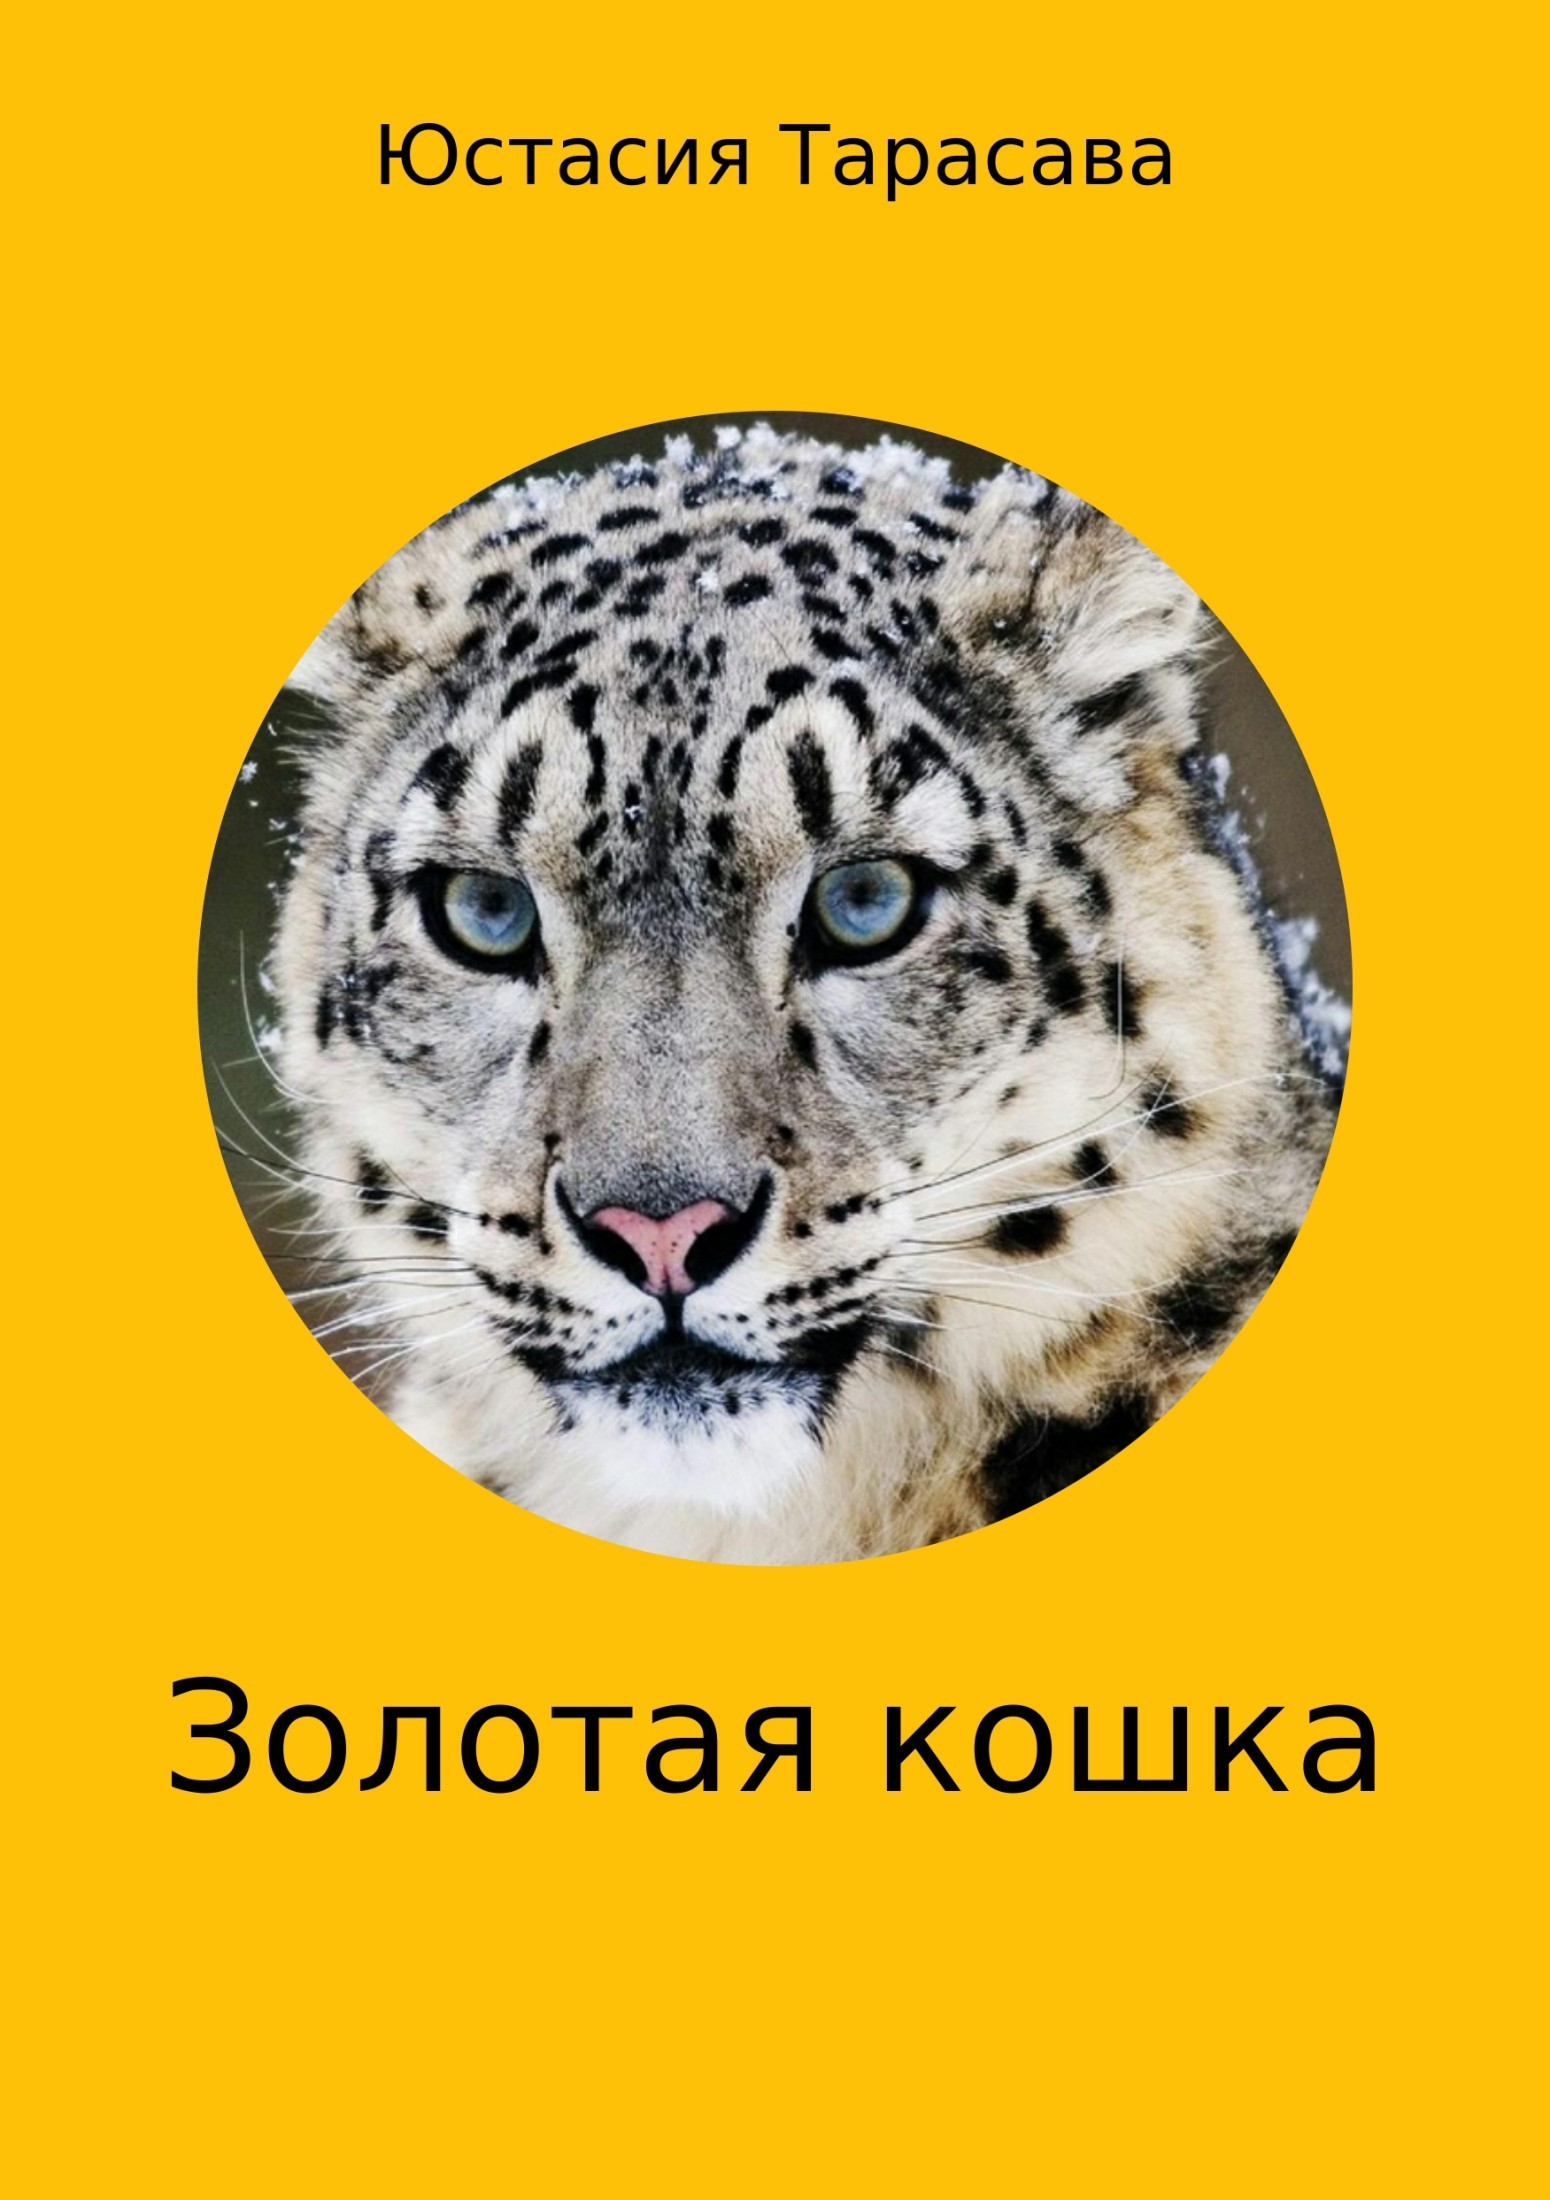 Юстасия Тарасава. Золотая кошка